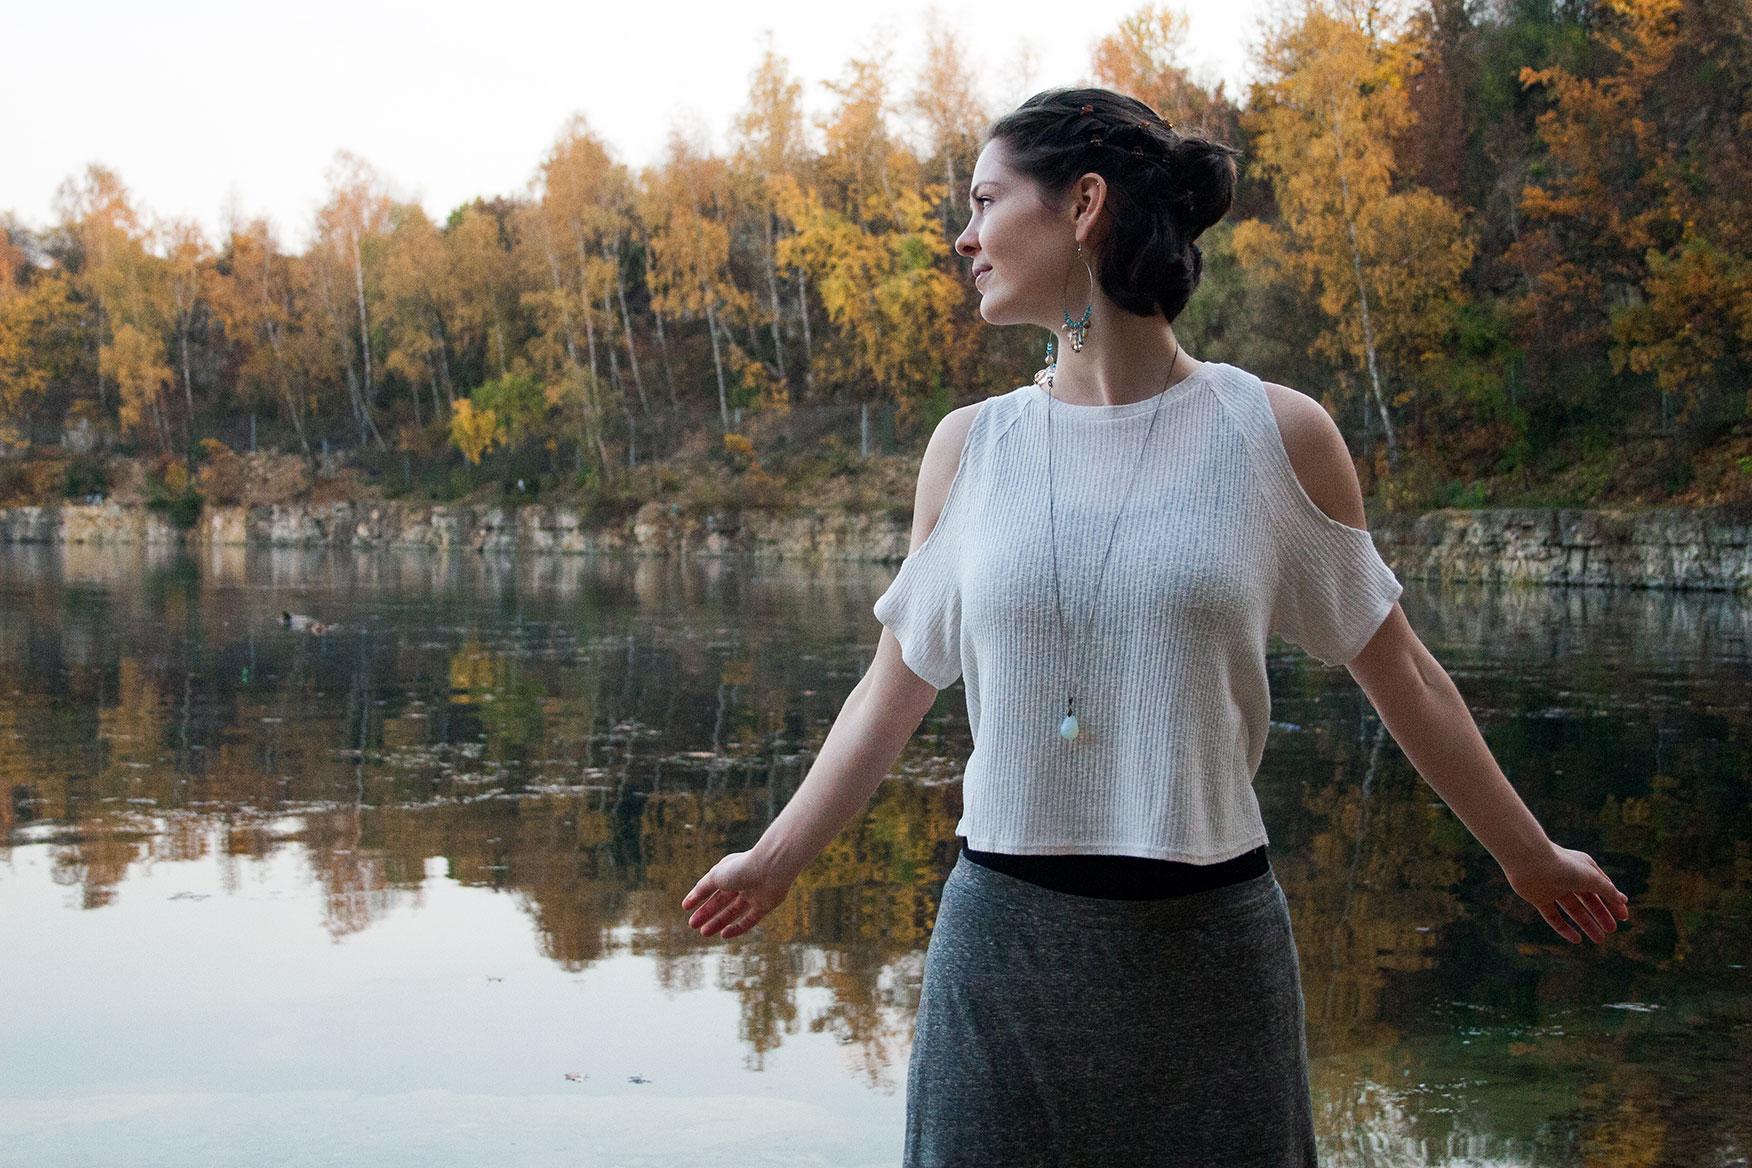 Els Arial van de Schoot - Life coach & geestelijk verzorger - spiritual care - BetekenisvolLeven